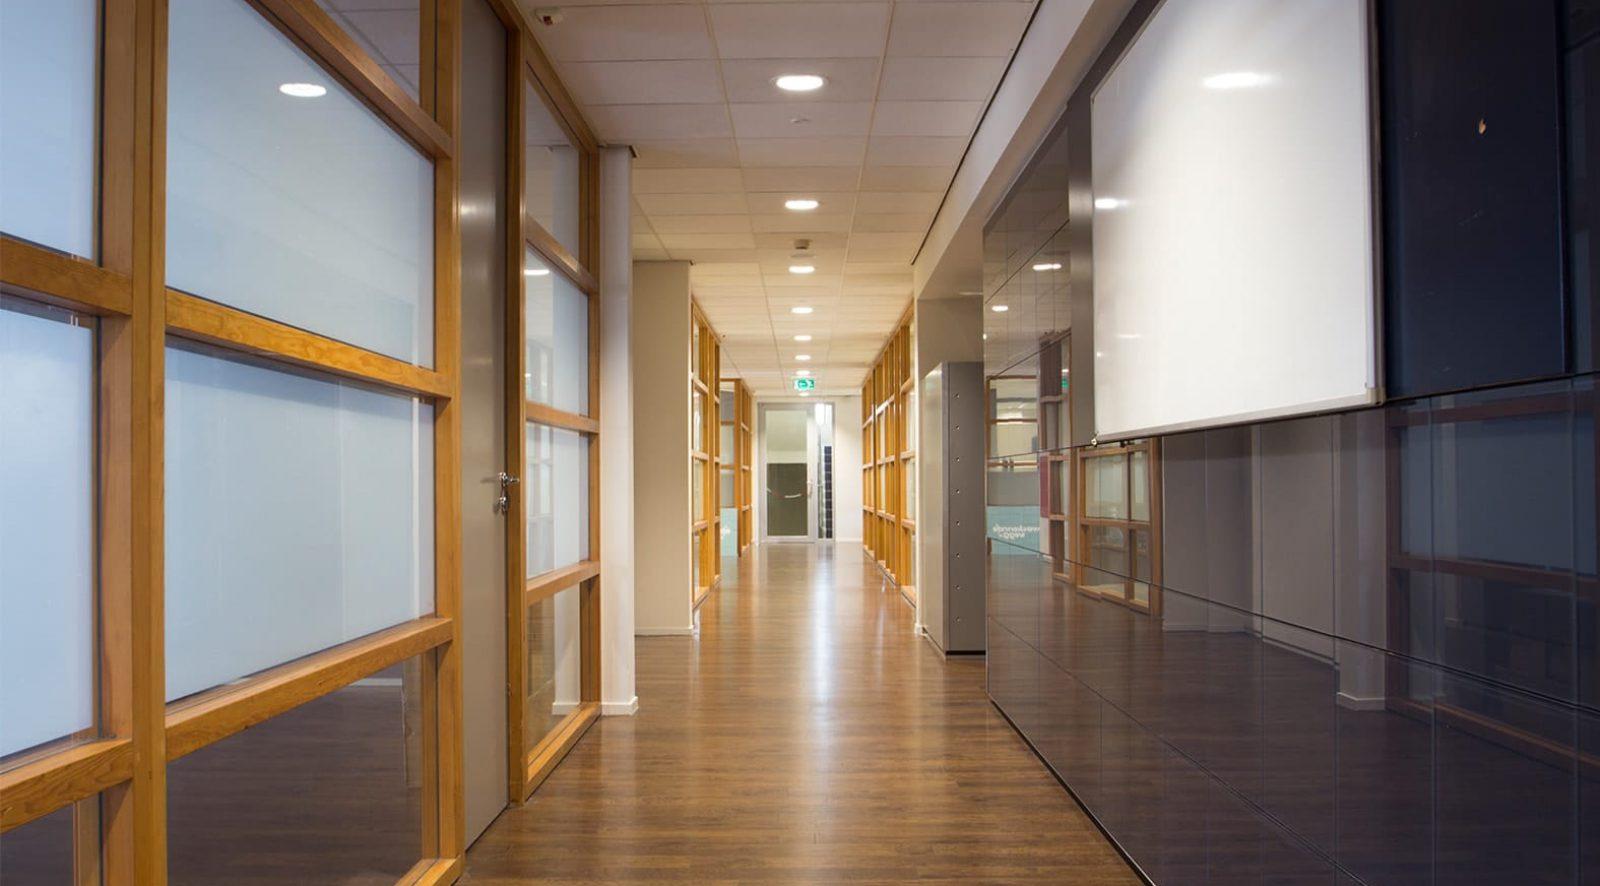 Bedrijfsruimte huren in Aalsmeer   Studio's Aalsmeer   Crown Business Center Aalsmeer